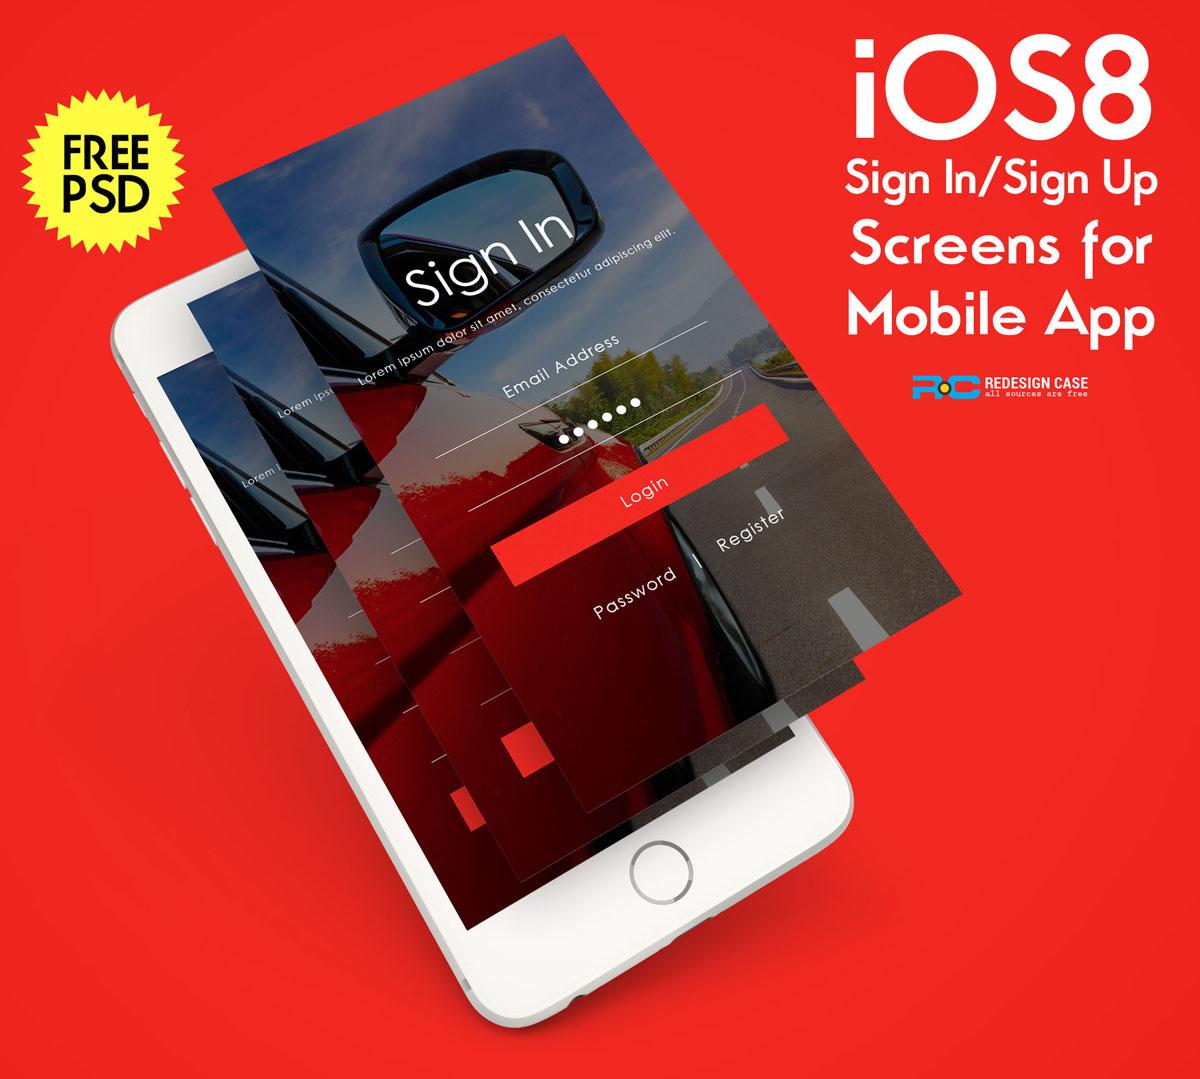 iPhone-6-App-Screen-PSD-Mockup